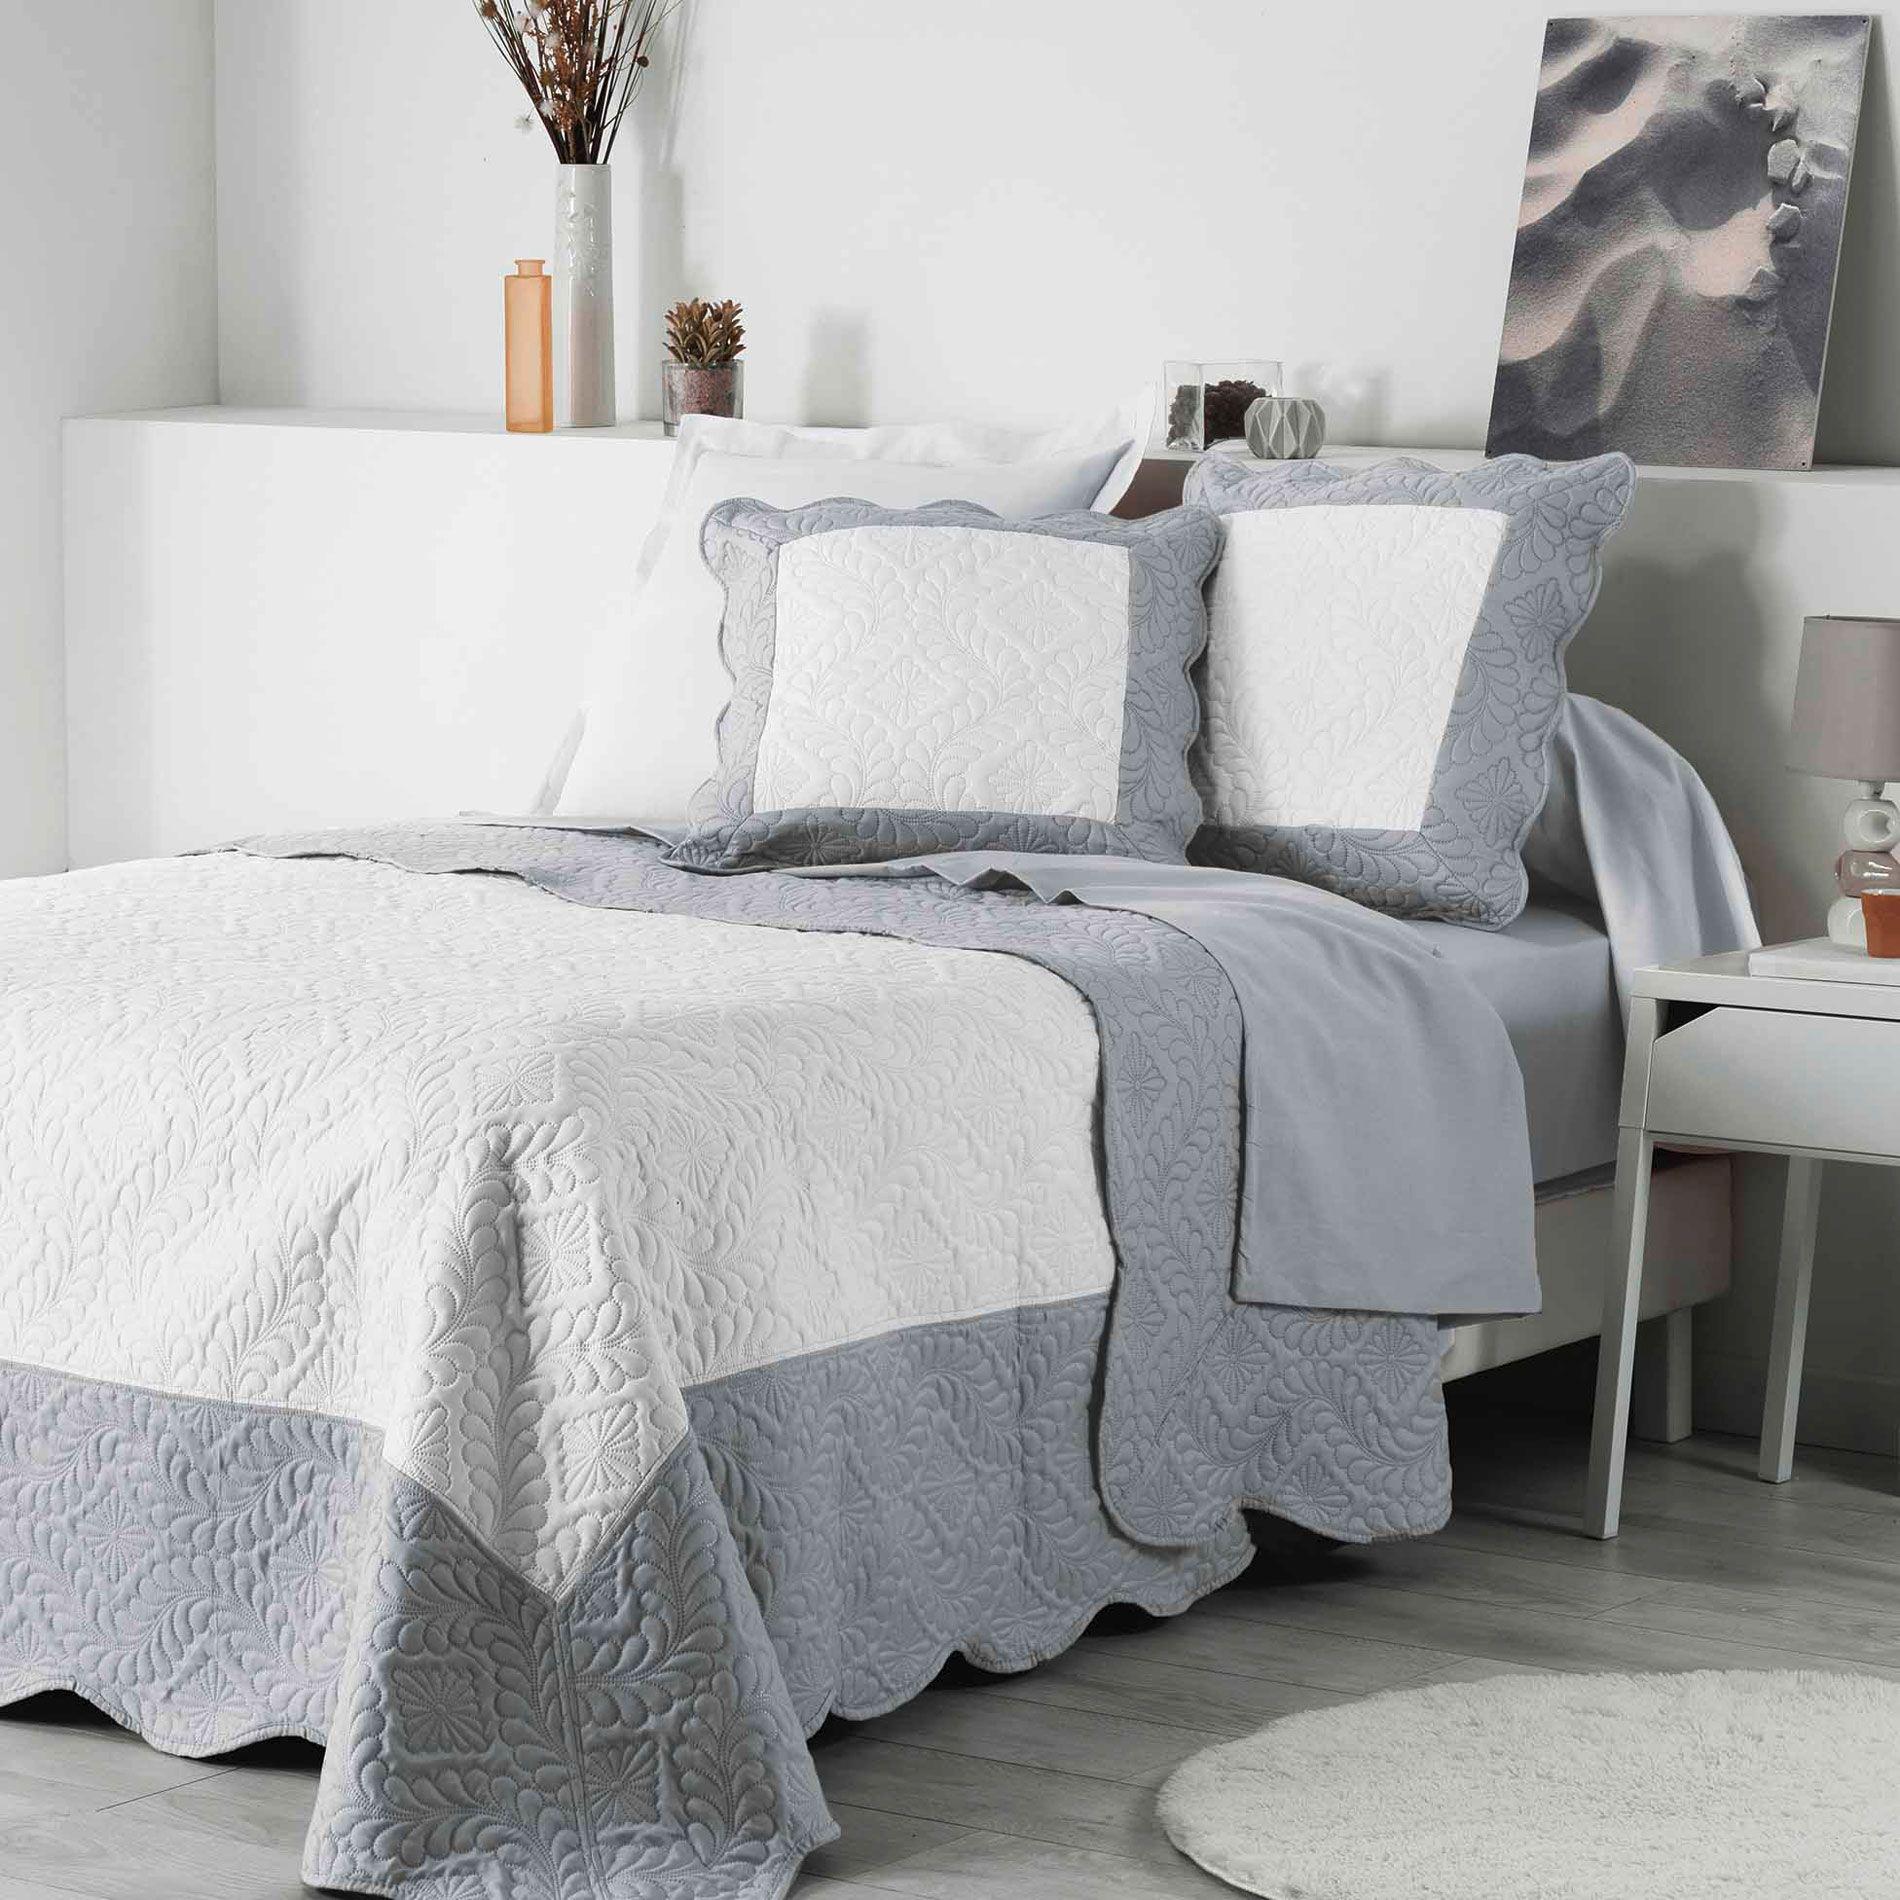 housse de coussin boutis 60 cm andrea blanc gris. Black Bedroom Furniture Sets. Home Design Ideas